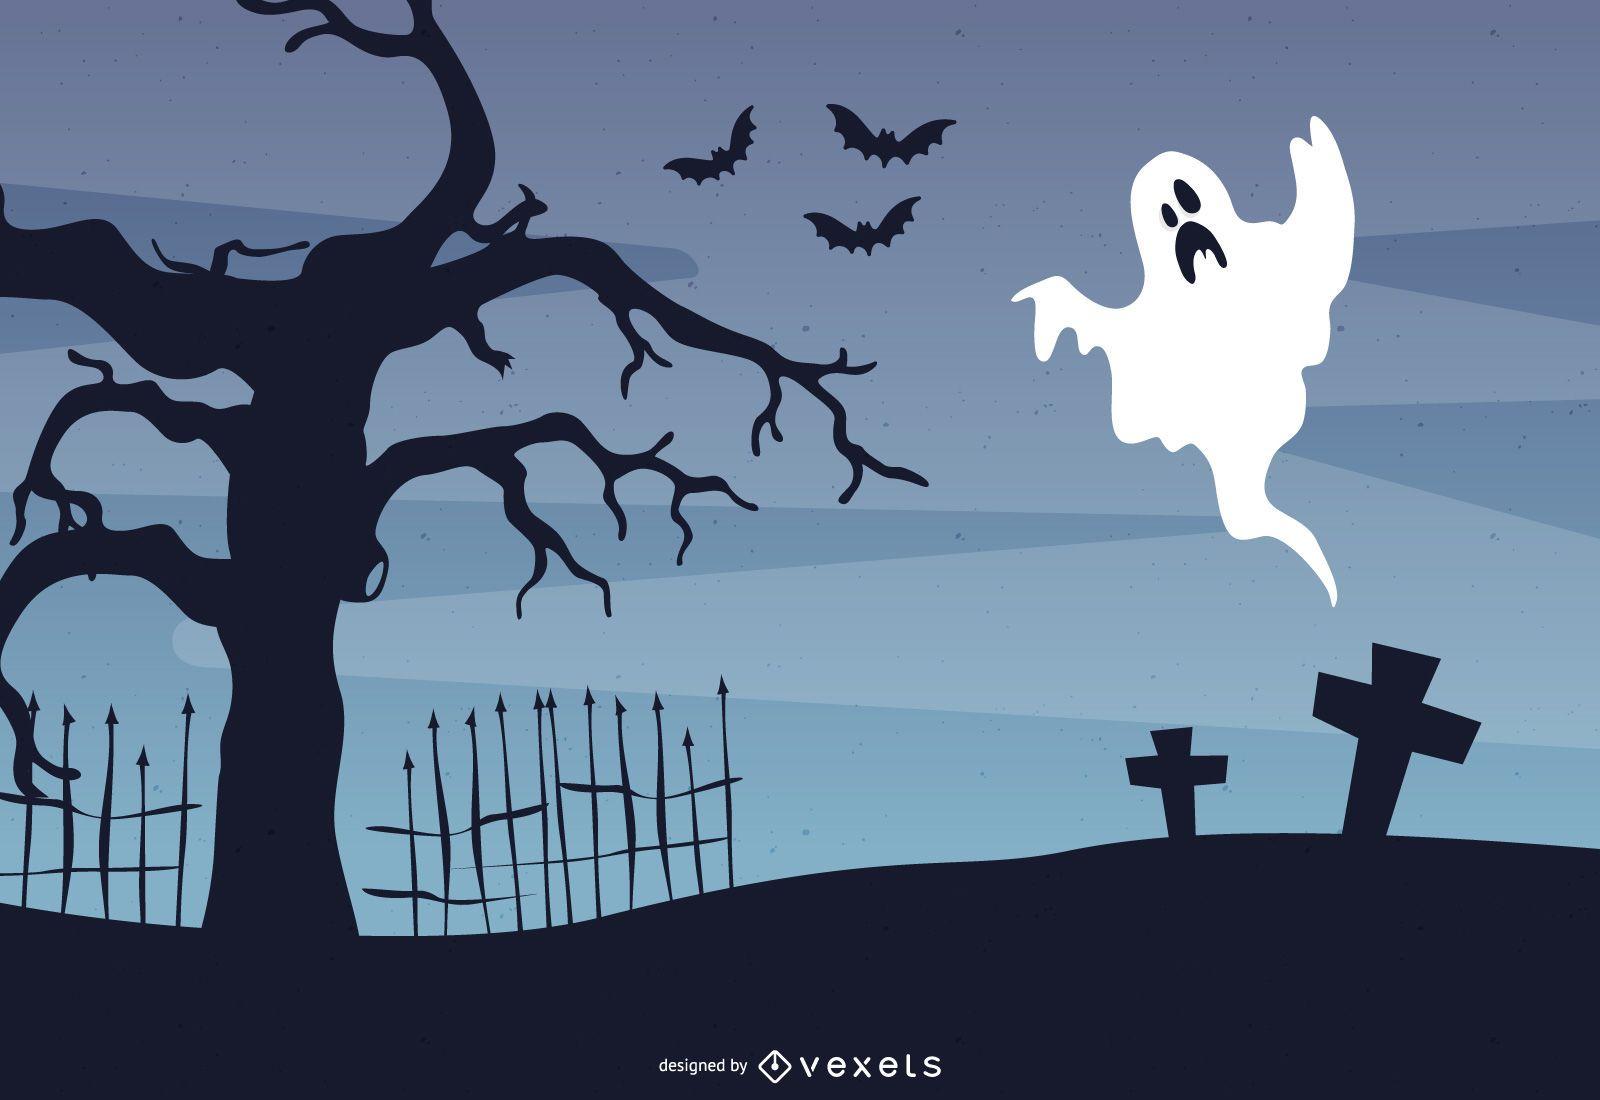 Haunted Tree in the Graveyard Halloween Flyer